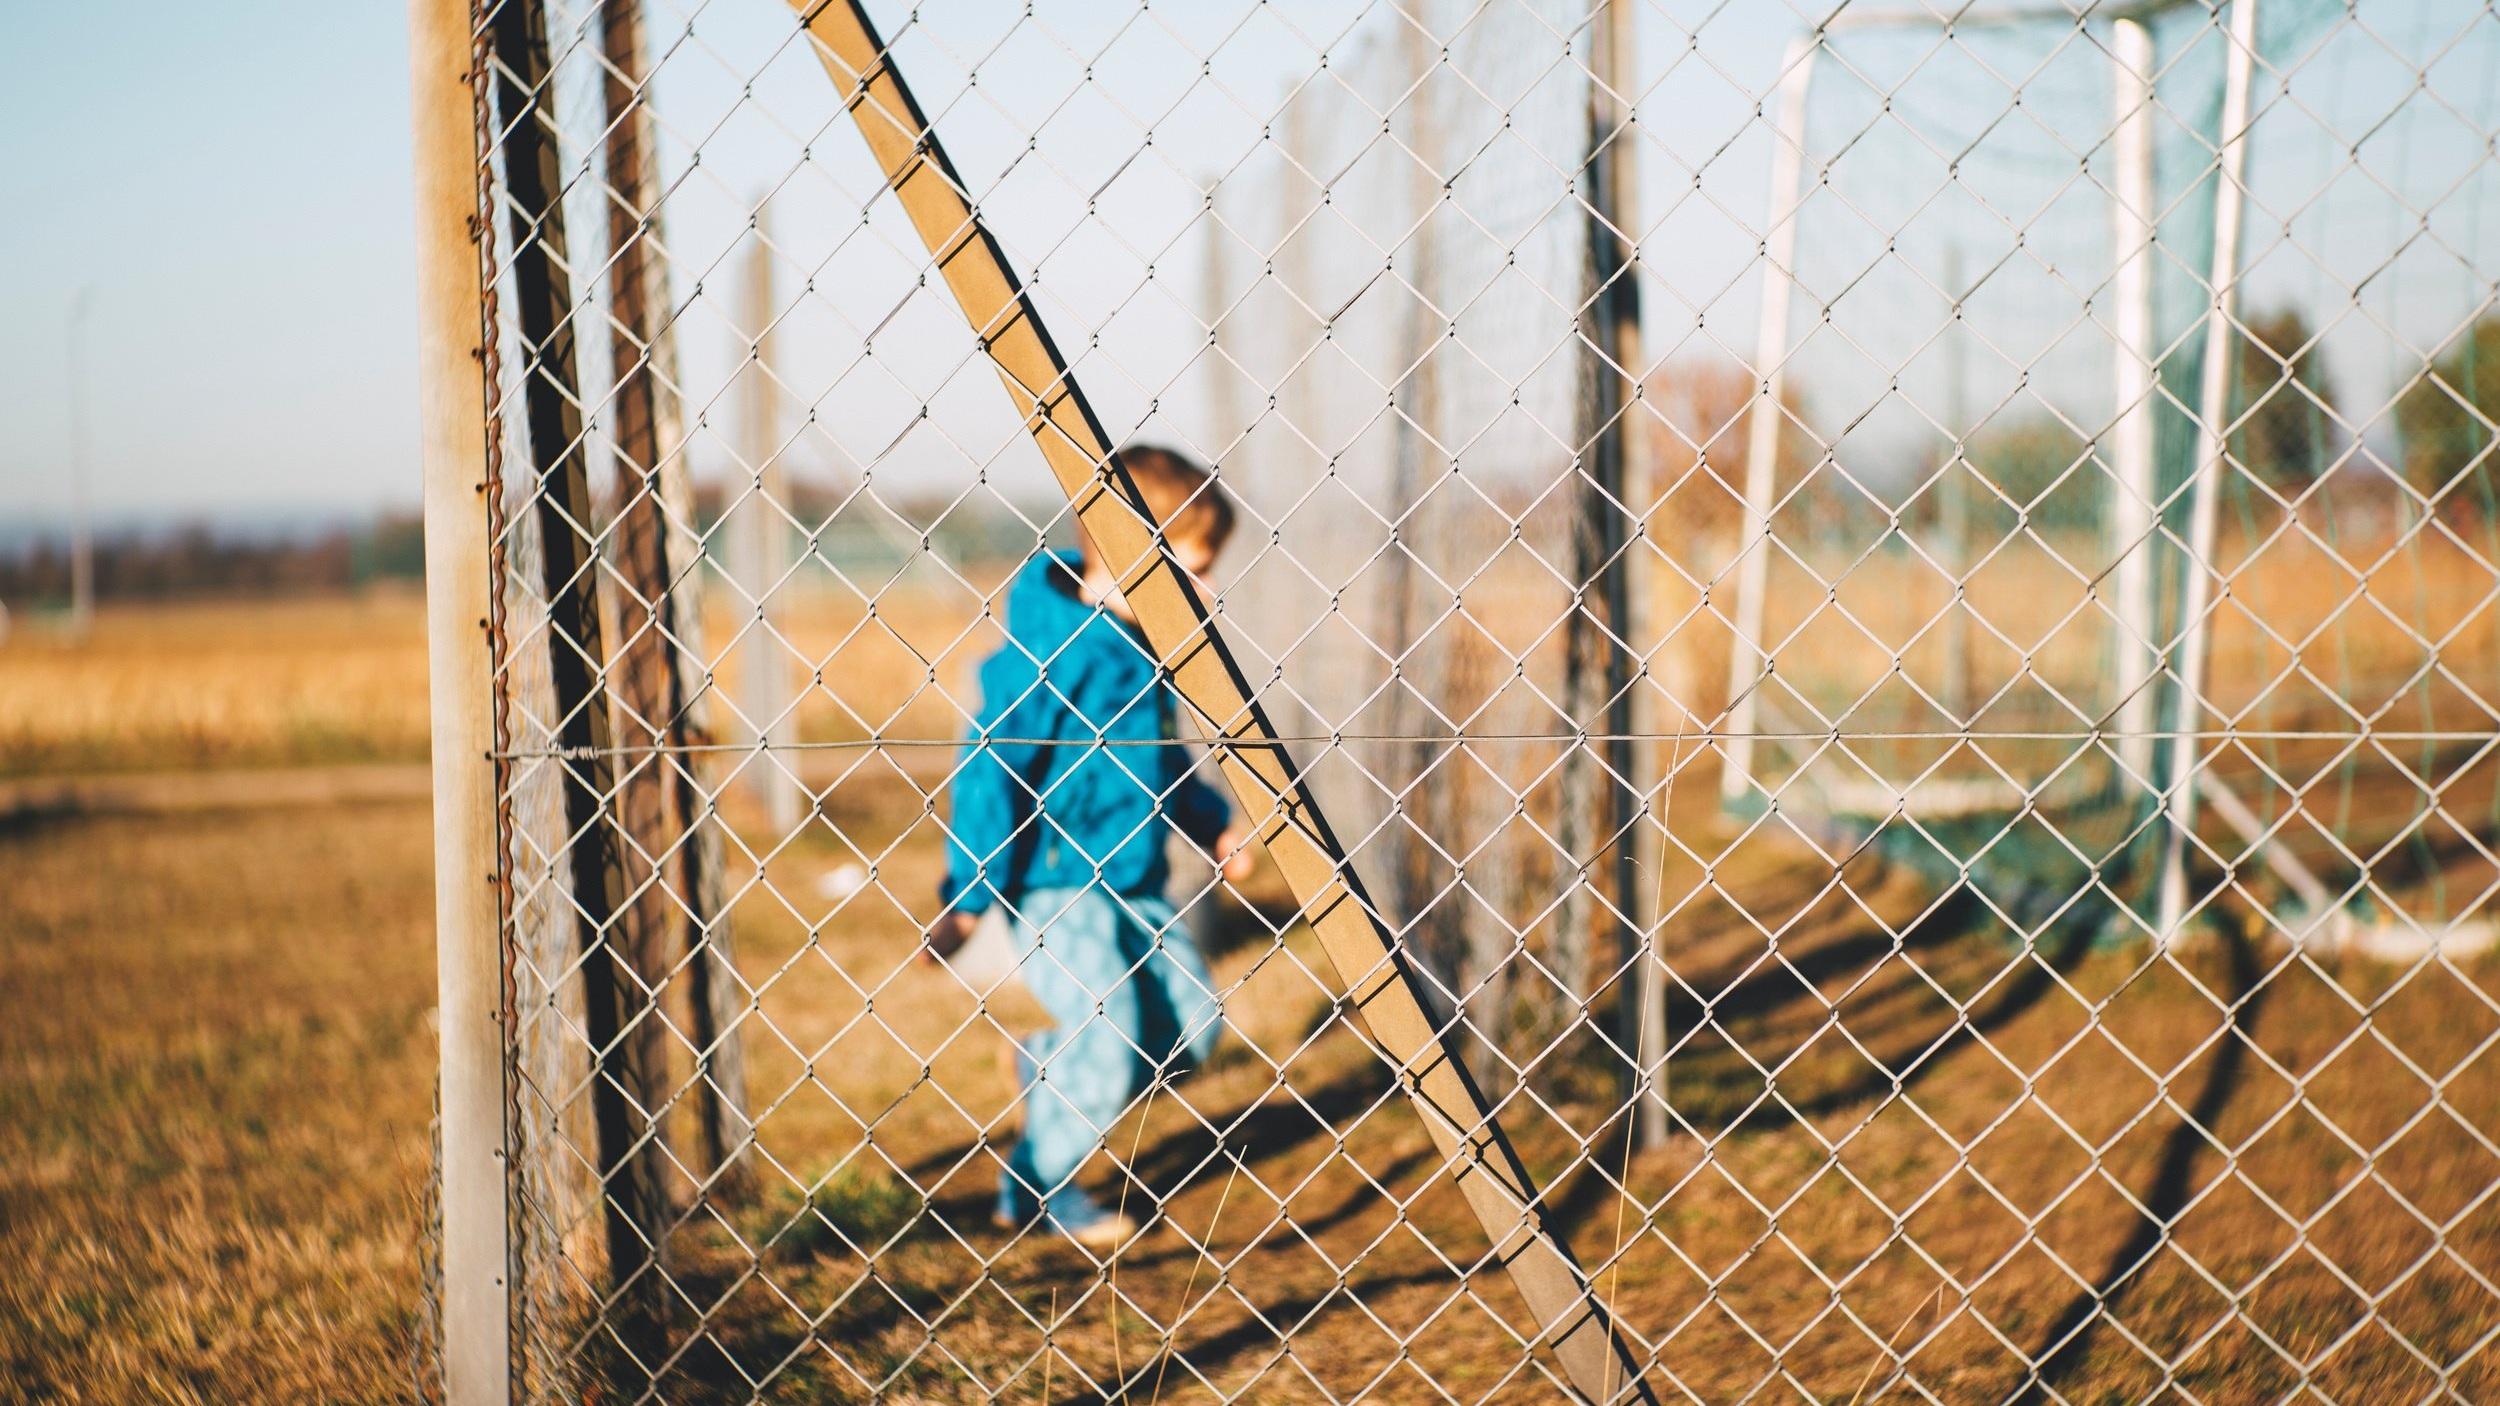 Fencing Markus Spiske Unsplash.jpg